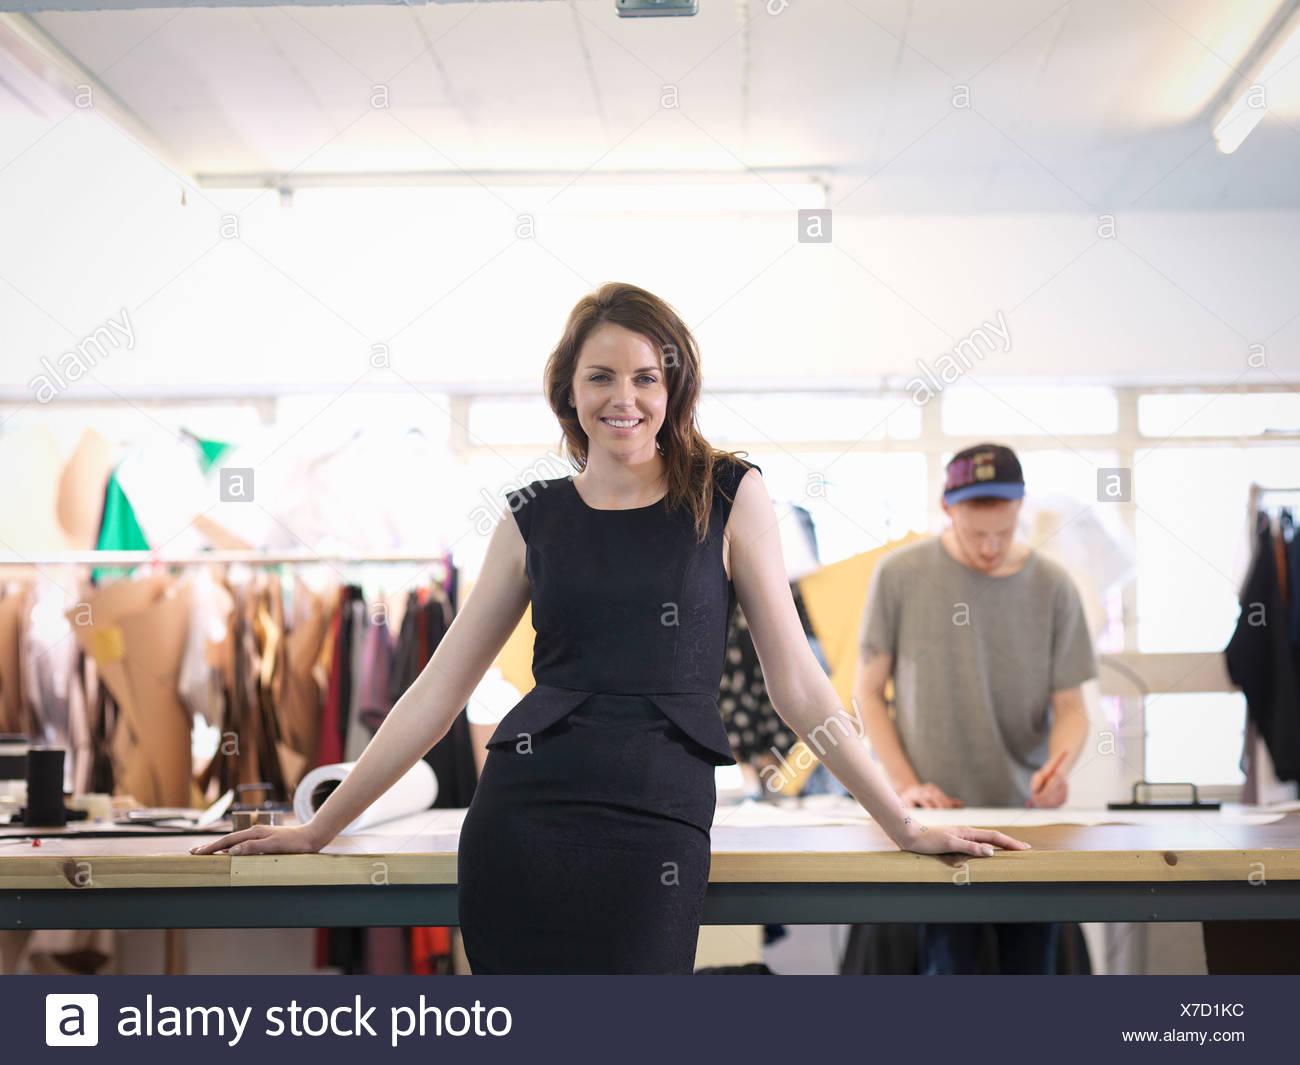 Fashion designer in fashion studio, portrait - Stock Image